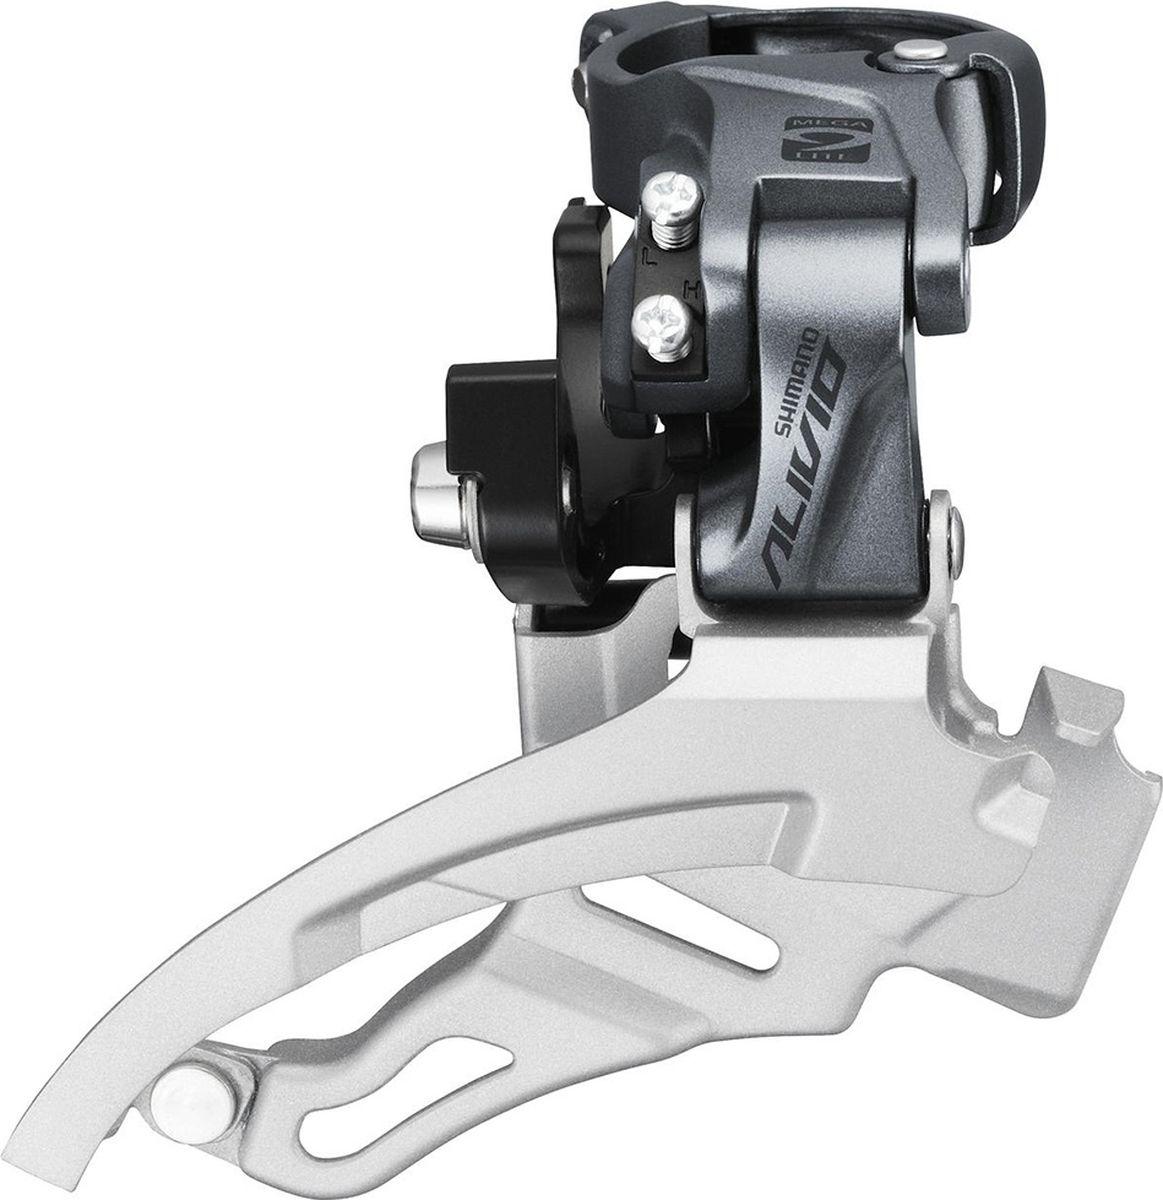 Переключатель передний Shimano Alivio M4000, универсальная тяга, верхний хомут, для 9 скоростей, для 40T переключатель передний shimano claris 2403 3 x 8 скоростей на упор